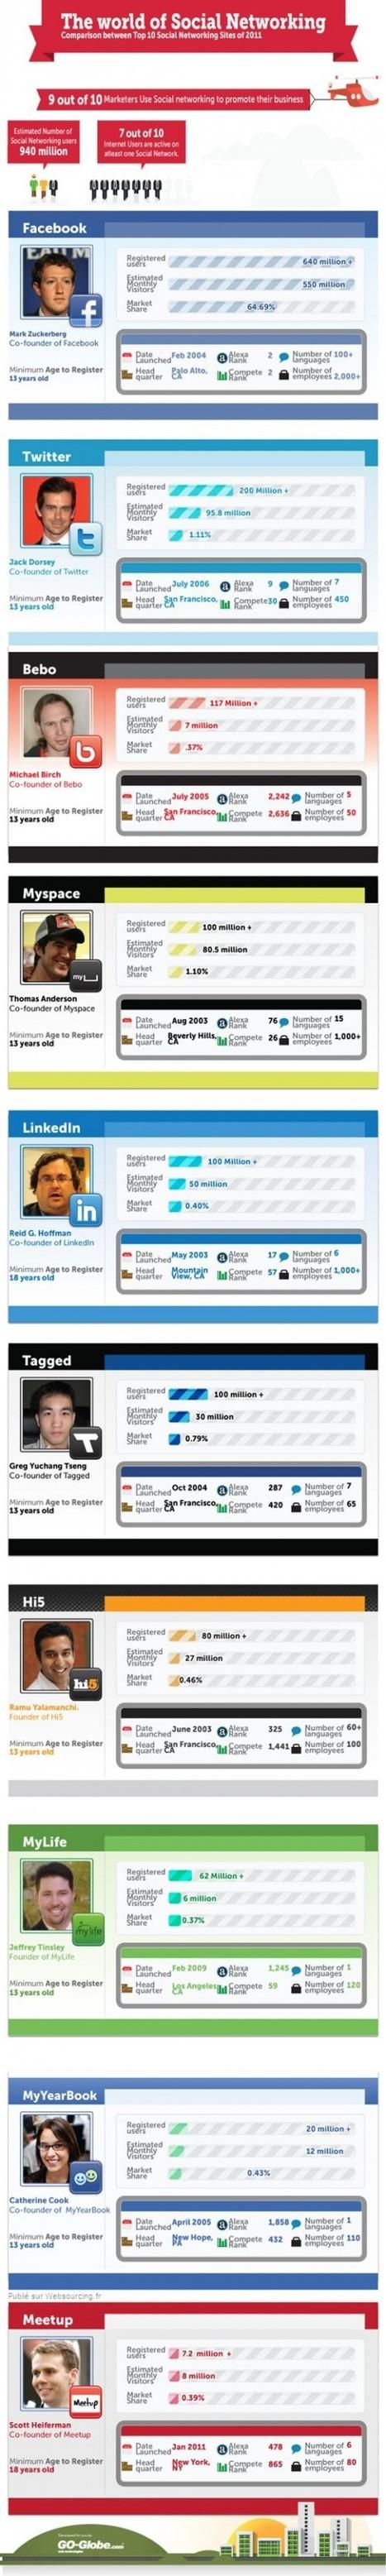 [Infographie] Comparaison des 10 réseaux sociaux les plus populaires | Websourcing.fr | Social Media Curation par Mon Habitat Web | Scoop.it